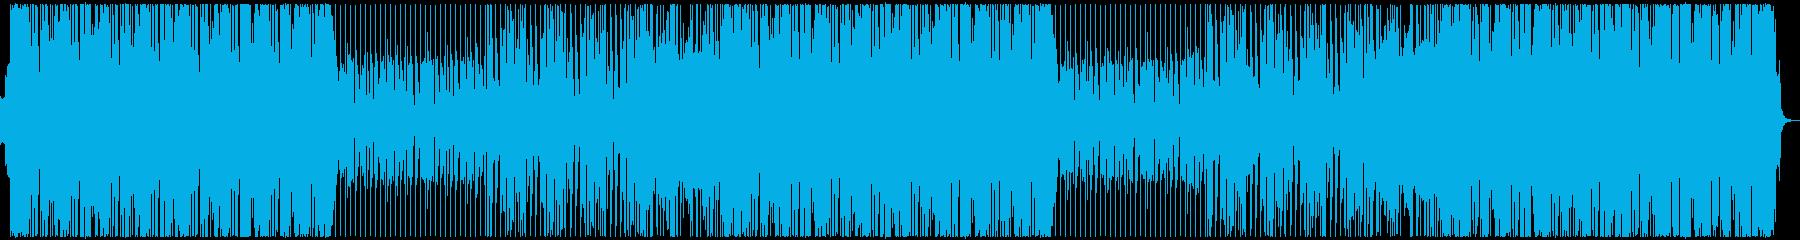 カジノ風ゴージャスなブラスファンクポップの再生済みの波形